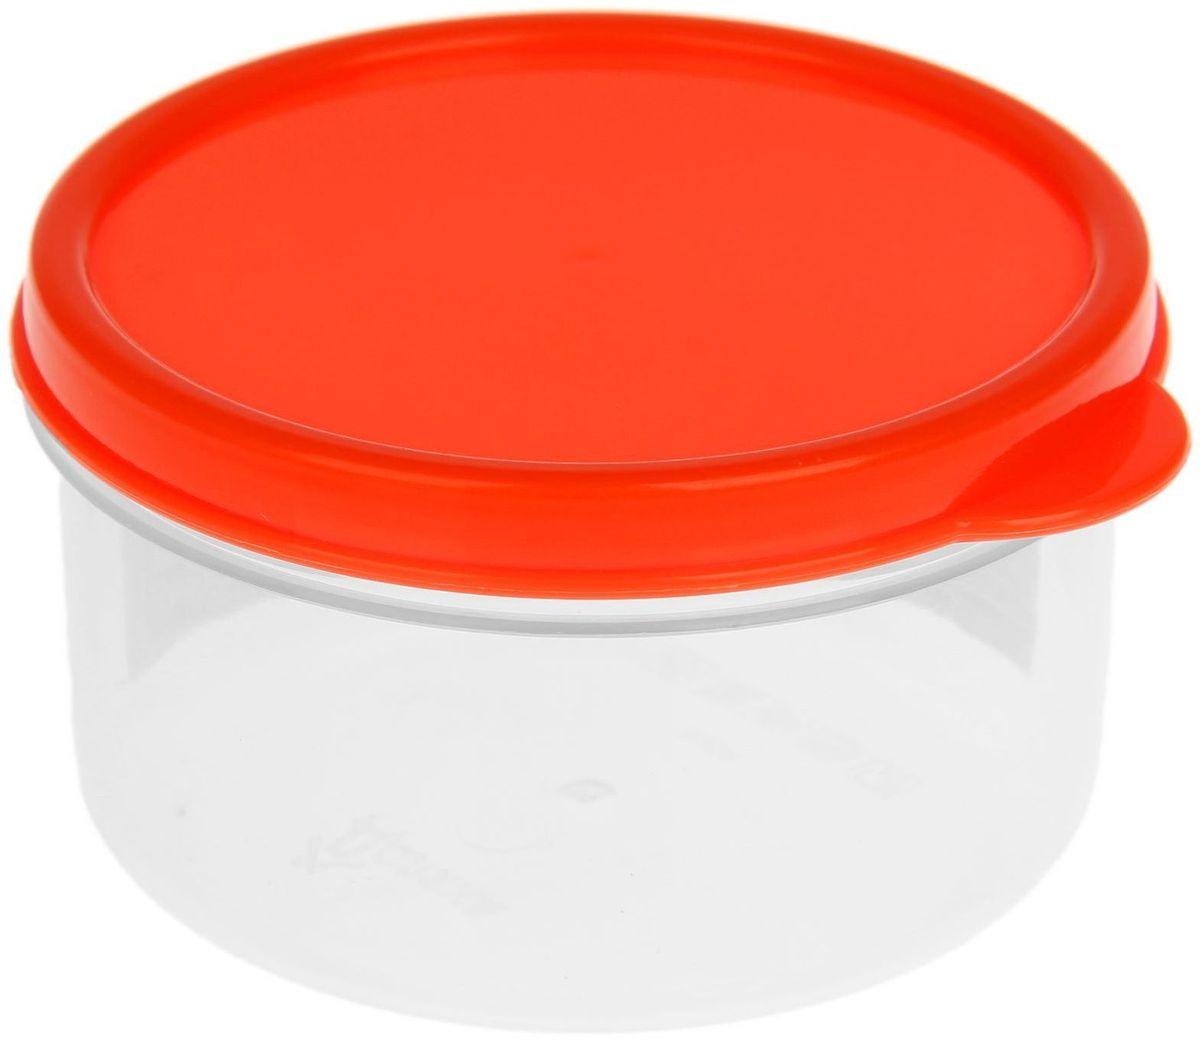 Контейнер пищевой Доляна, круглый, цвет: оранжевый, 150 мл21395599Если после вкусного обеда осталась еда, а насладиться трапезой хочется и на следующий день, ланч-бокс станет отличным решением данной проблемы!Такой контейнер является незаменимым предметом кухонной утвари, ведь у него много преимуществ:Простота ухода. Ланч-бокс достаточно промыть тёплой водой с небольшим количеством чистящего средства, и он снова готов к использованию.Вместительность. Большой выбор форм и объёма поможет разместить разнообразные продукты от сахара до супов.Эргономичность. Ланч-боксы очень легко хранить даже в самой маленькой кухне, так как их можно поставить один в другой по принципу матрёшки.Многофункциональность. Разнообразие цветов и форм делает возможным использование контейнеров не только на кухне, но и в других областях домашнего быта.Любители приготовления обеда на всю семью в большинстве случаев приобретают ланч-боксы наборами, так как это позволяет рассортировать продукты по всевозможным признакам. К тому же контейнеры среднего размера станут незаменимыми помощниками на работе: ведь что может быть приятнее, чем порадовать себя во время обеда прекрасной едой, заботливо сохранённой в контейнере?В качестве материала для изготовления используется пластик, что делает процесс ухода за контейнером ещё более эффективным. К каждому ланч-боксу в комплекте также прилагается крышка подходящего размера, это позволяет плотно и надёжно удерживать запах еды и упрощает процесс транспортировки.Однако рекомендуется соблюдать и меры предосторожности: не использовать пластиковые контейнеры в духовых шкафах и на открытом огне, а также не разогревать в микроволновых печах при закрытой крышке ланч-бокса. Соблюдение мер безопасности позволит продлить срок эксплуатации и сохранить отличный внешний вид изделия.Эргономичный дизайн и многофункциональность таких контейнеров — вот, что является причиной большой популярности данного предмета у каждой хозяйки. А в преддверии лета и дачного сезона такое приоб